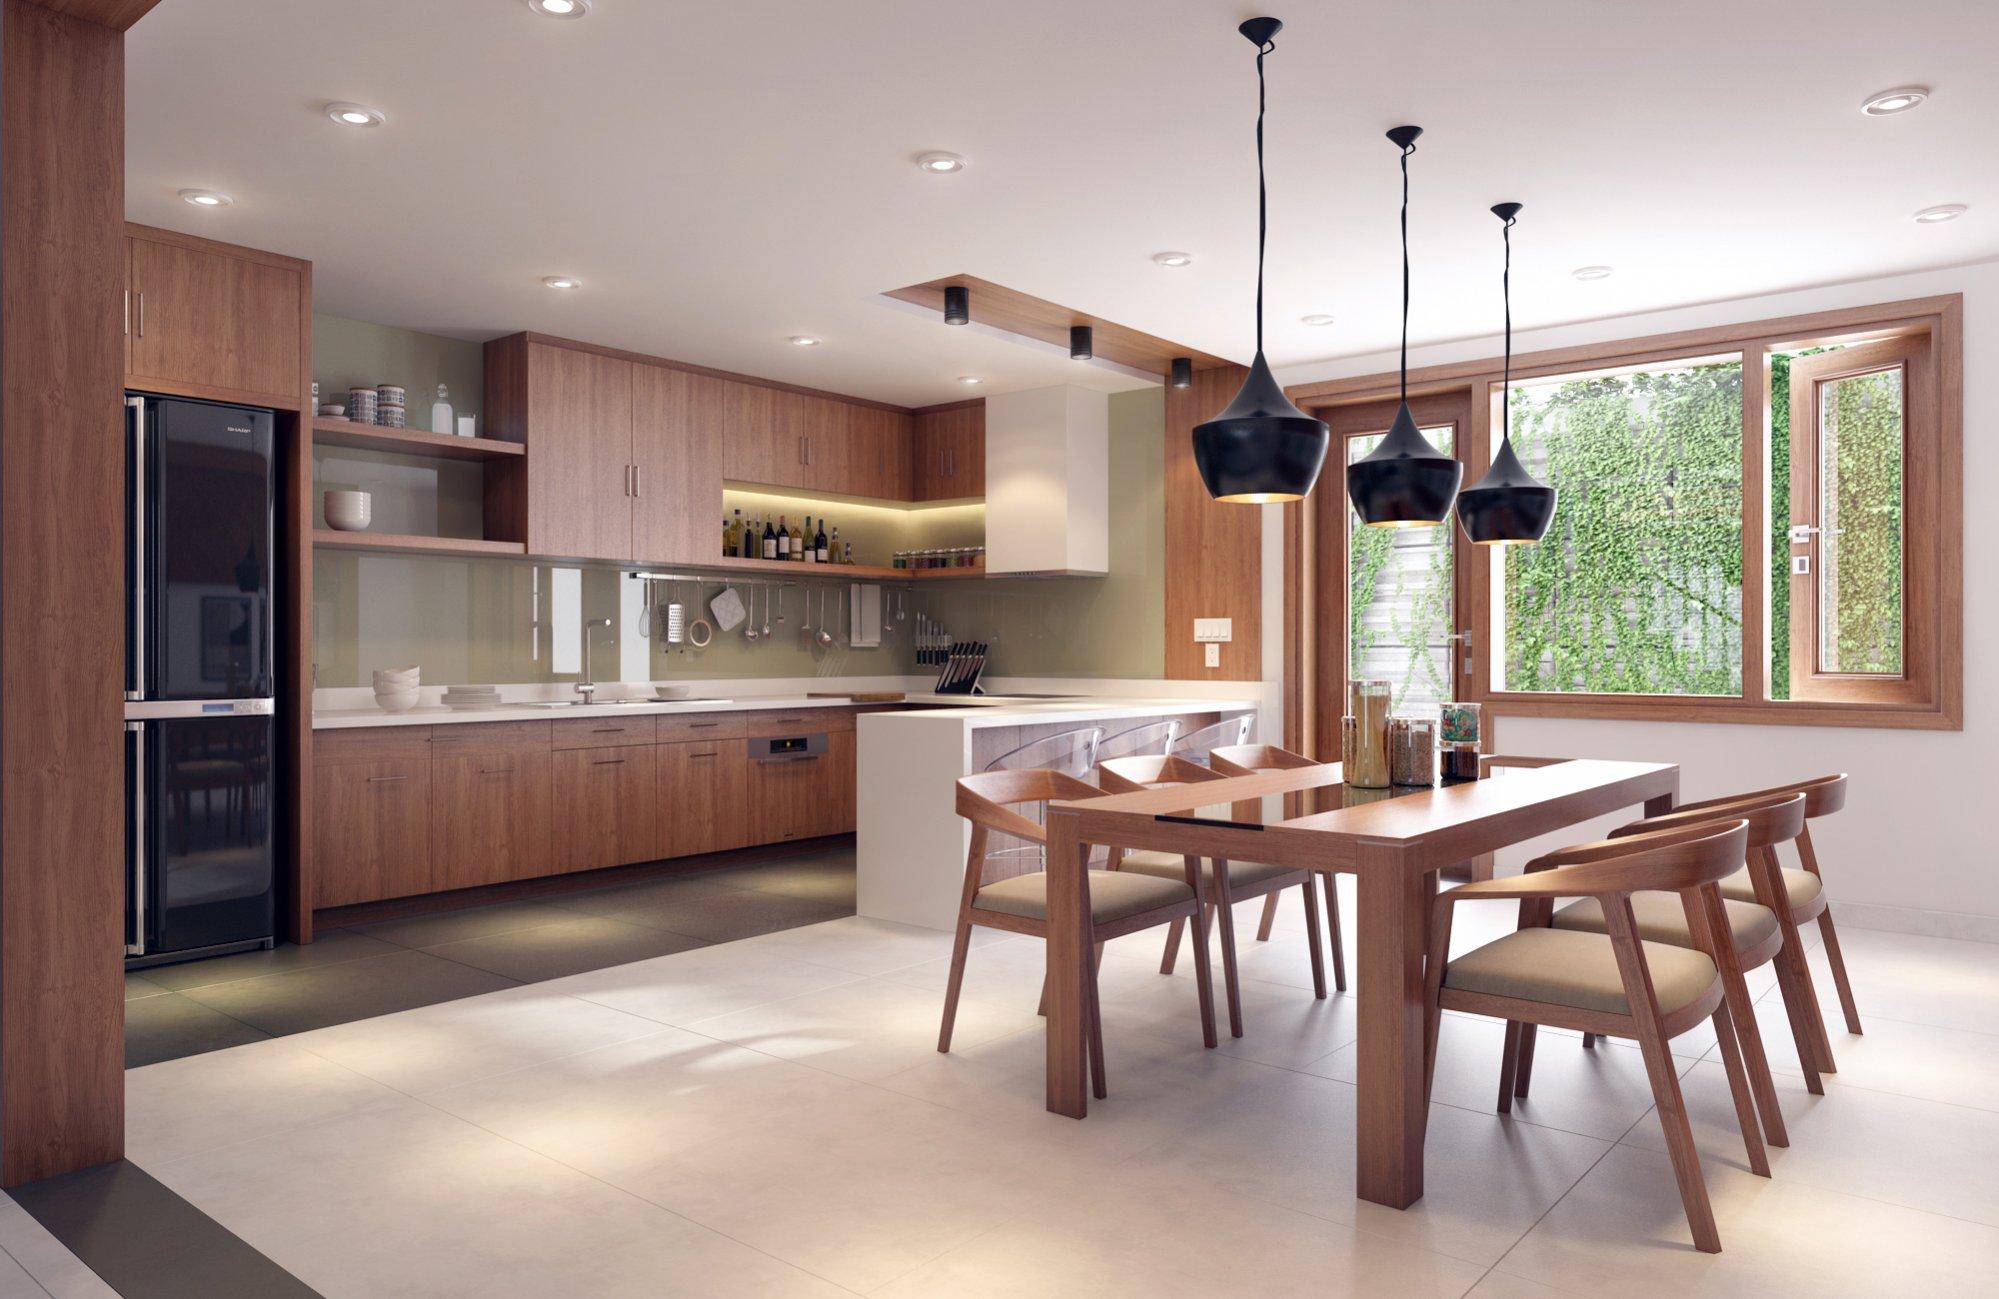 An open plan concept with beautiful indoor garden